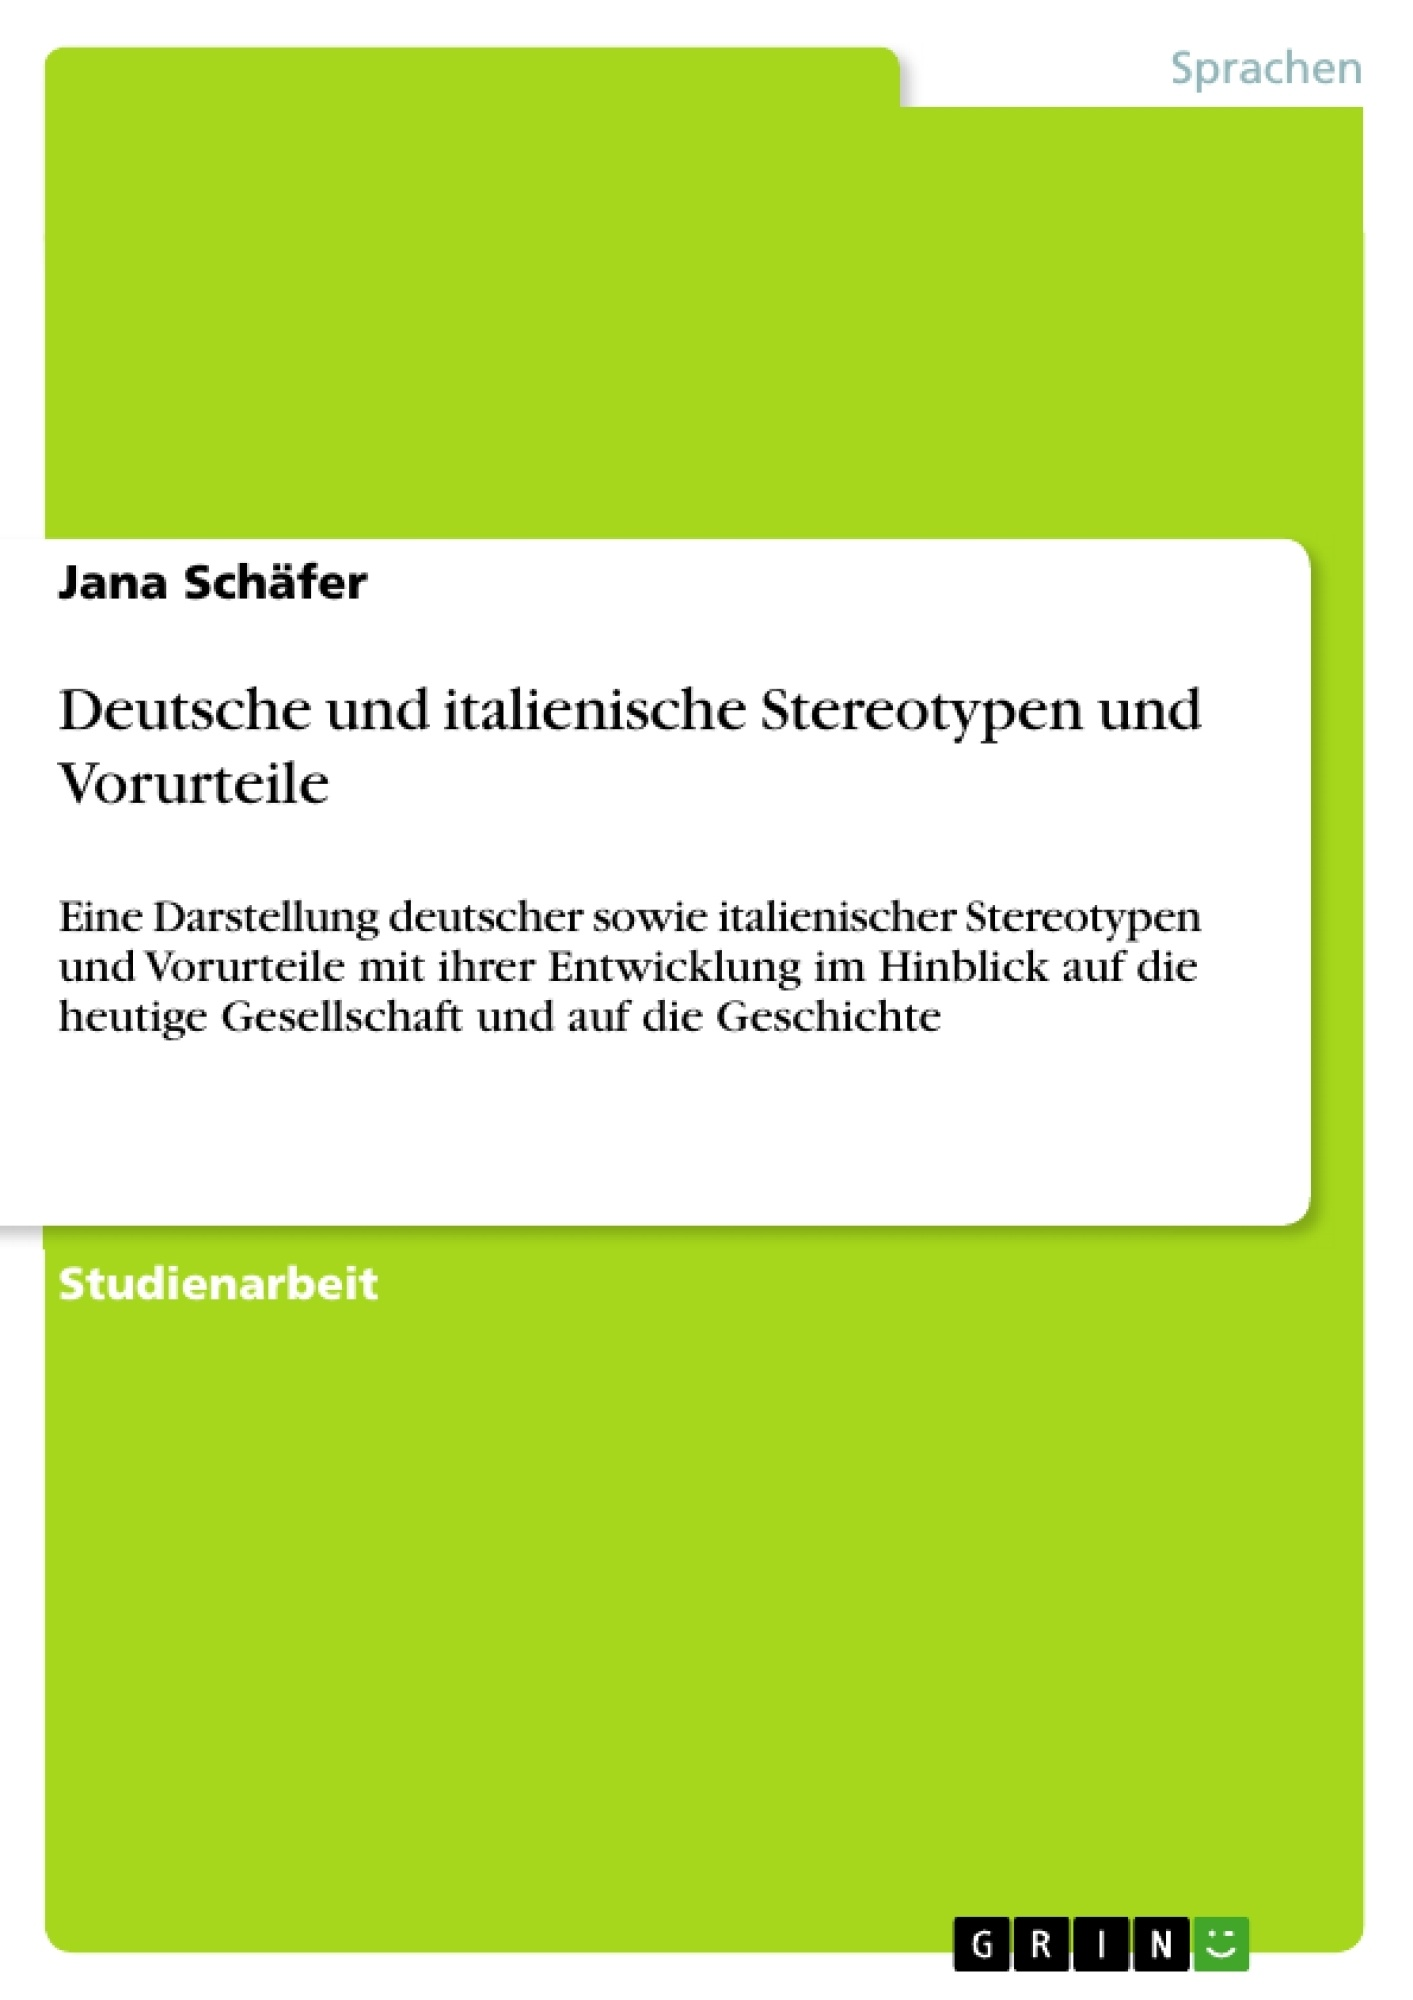 Titel: Deutsche und italienische Stereotypen und Vorurteile